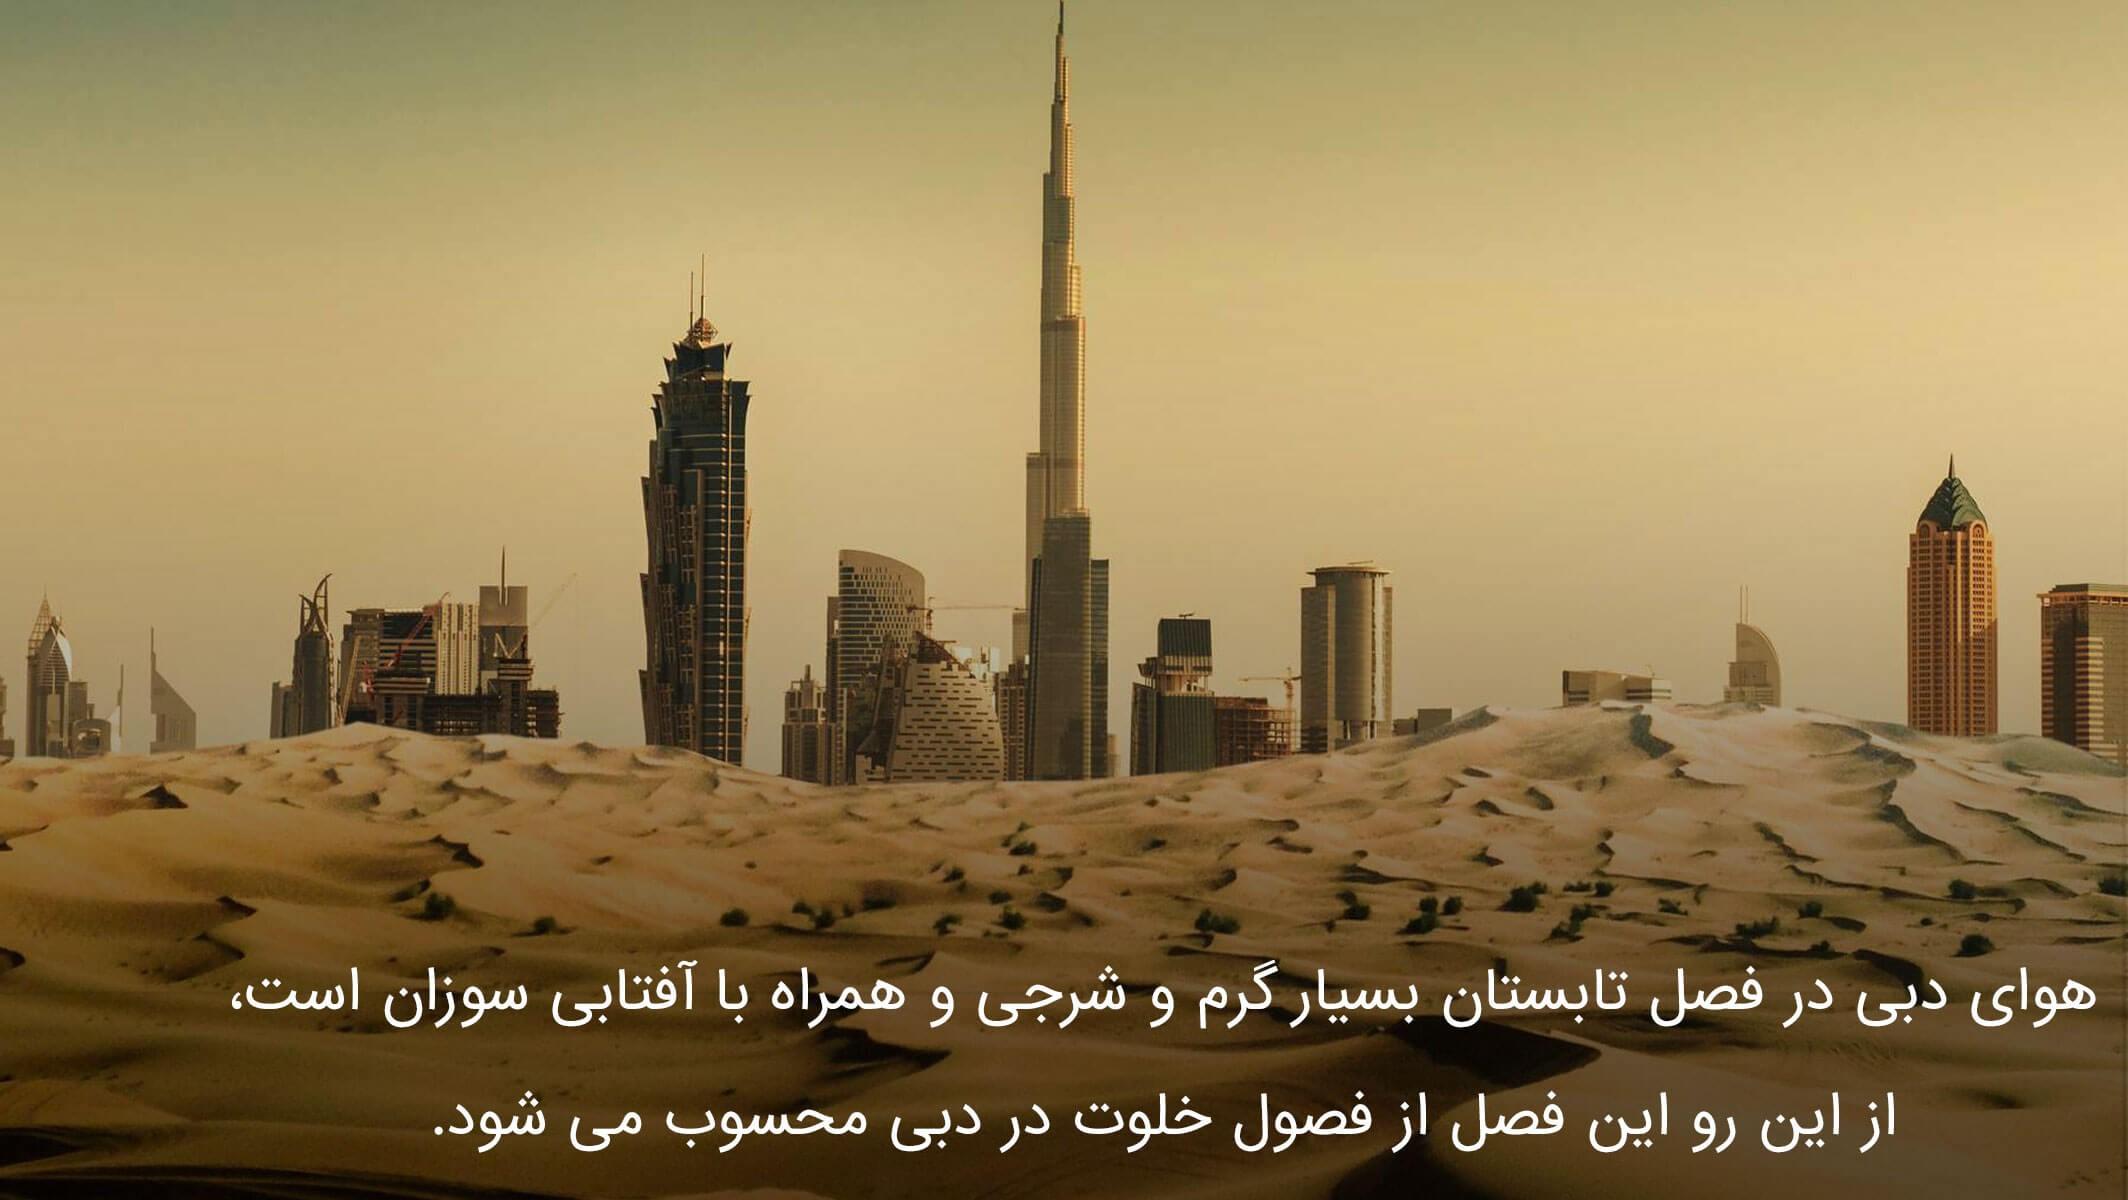 بهترین زمان برای سفر به دبی